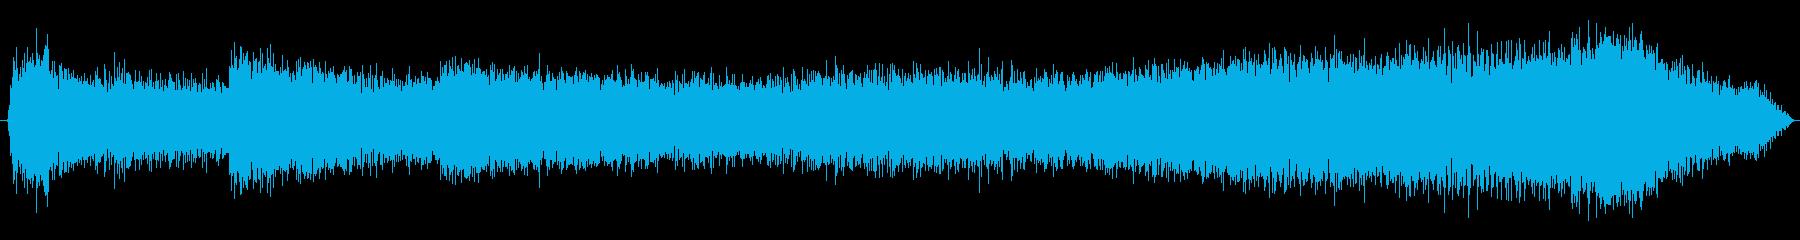 トラック ウラル4320減速加速01の再生済みの波形